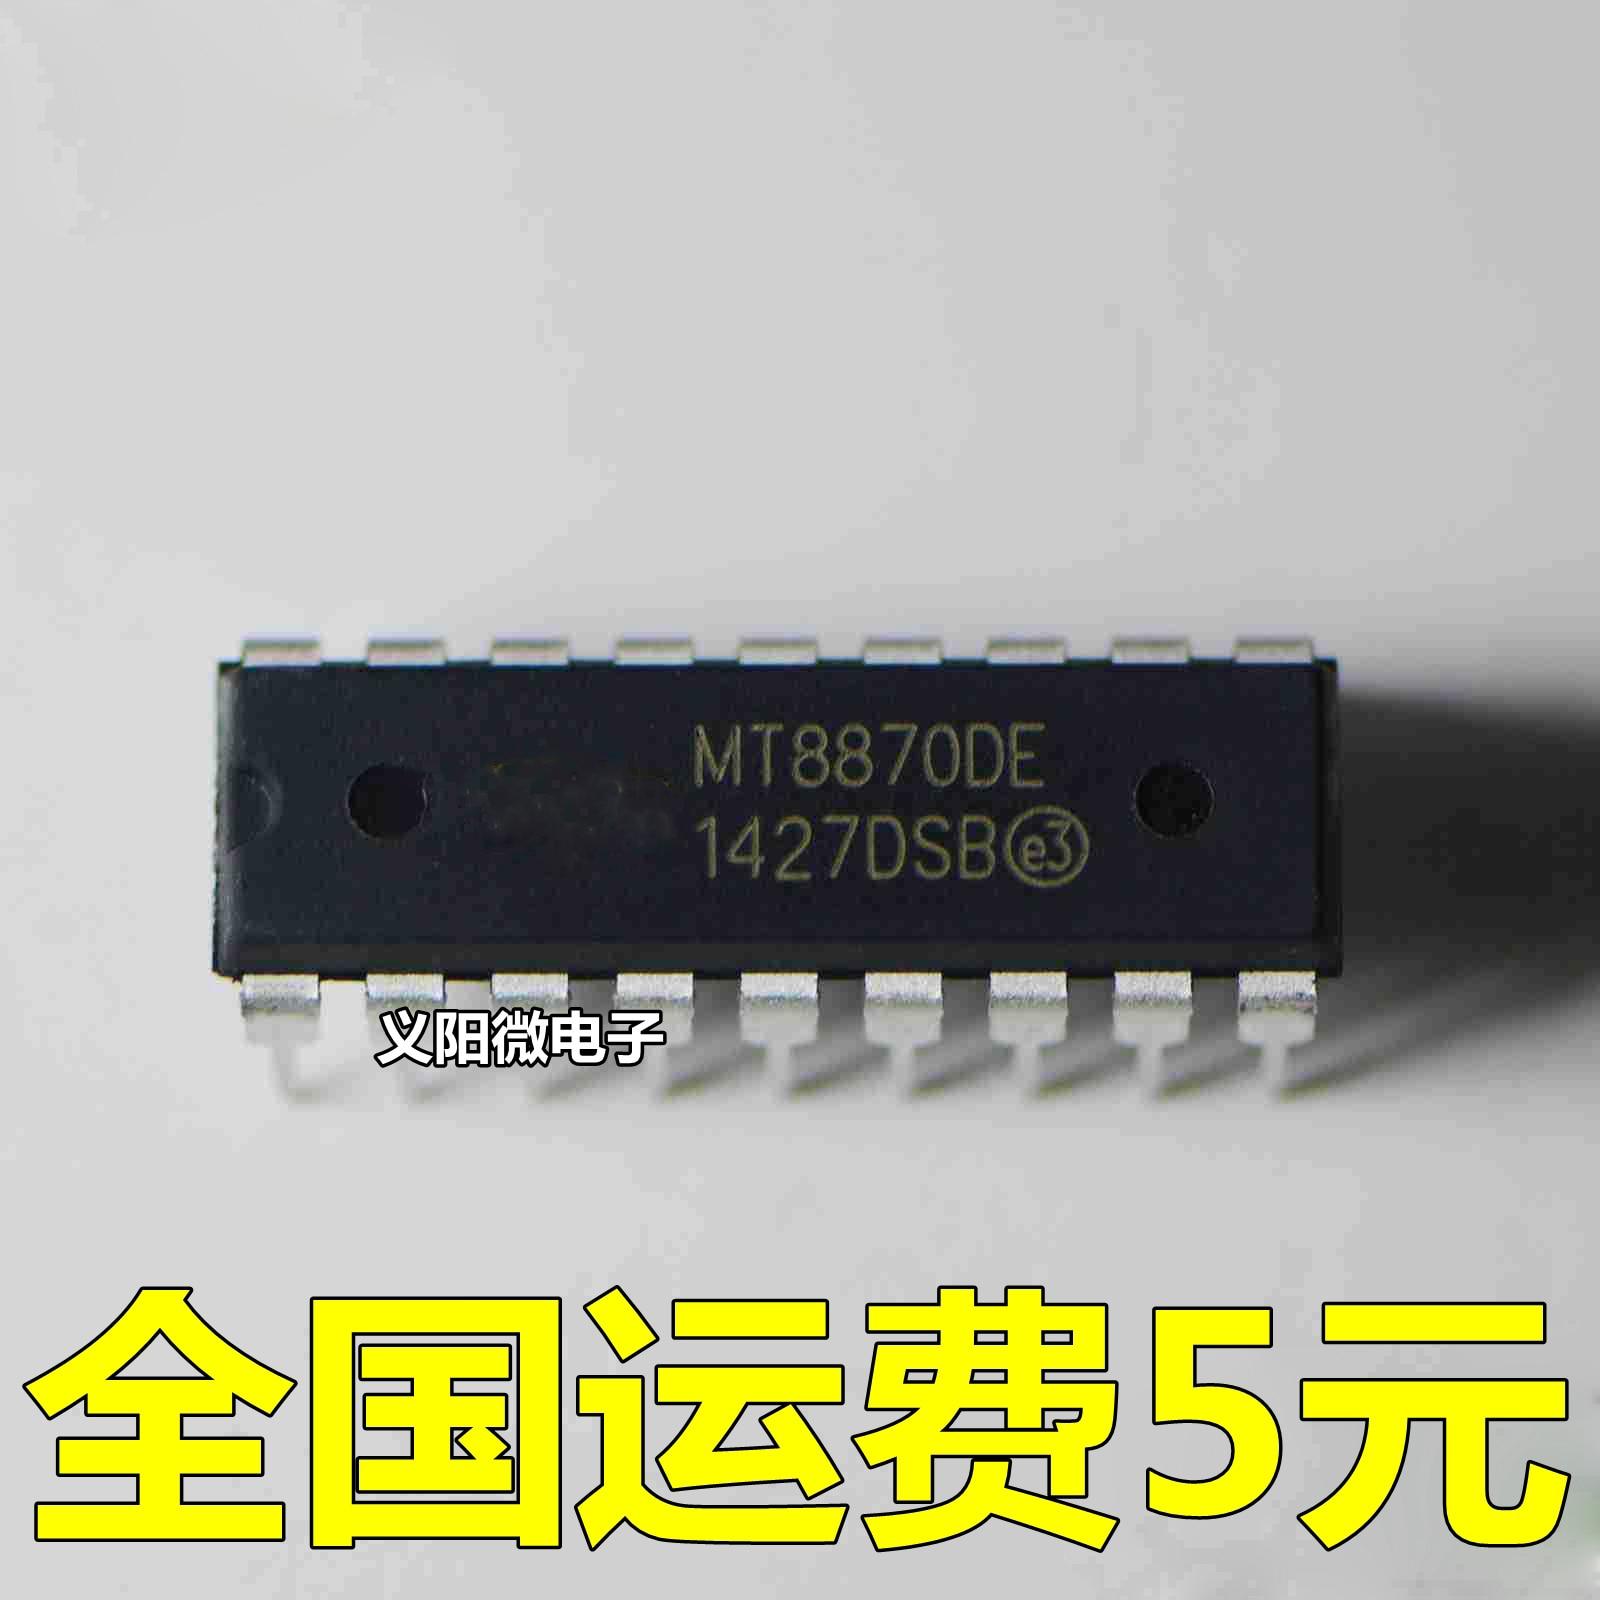 10pcs free shipping MT8870DE MT8870 MT8870D Telecom Line Management ICs Pb Free DTMF DIP-18 new original